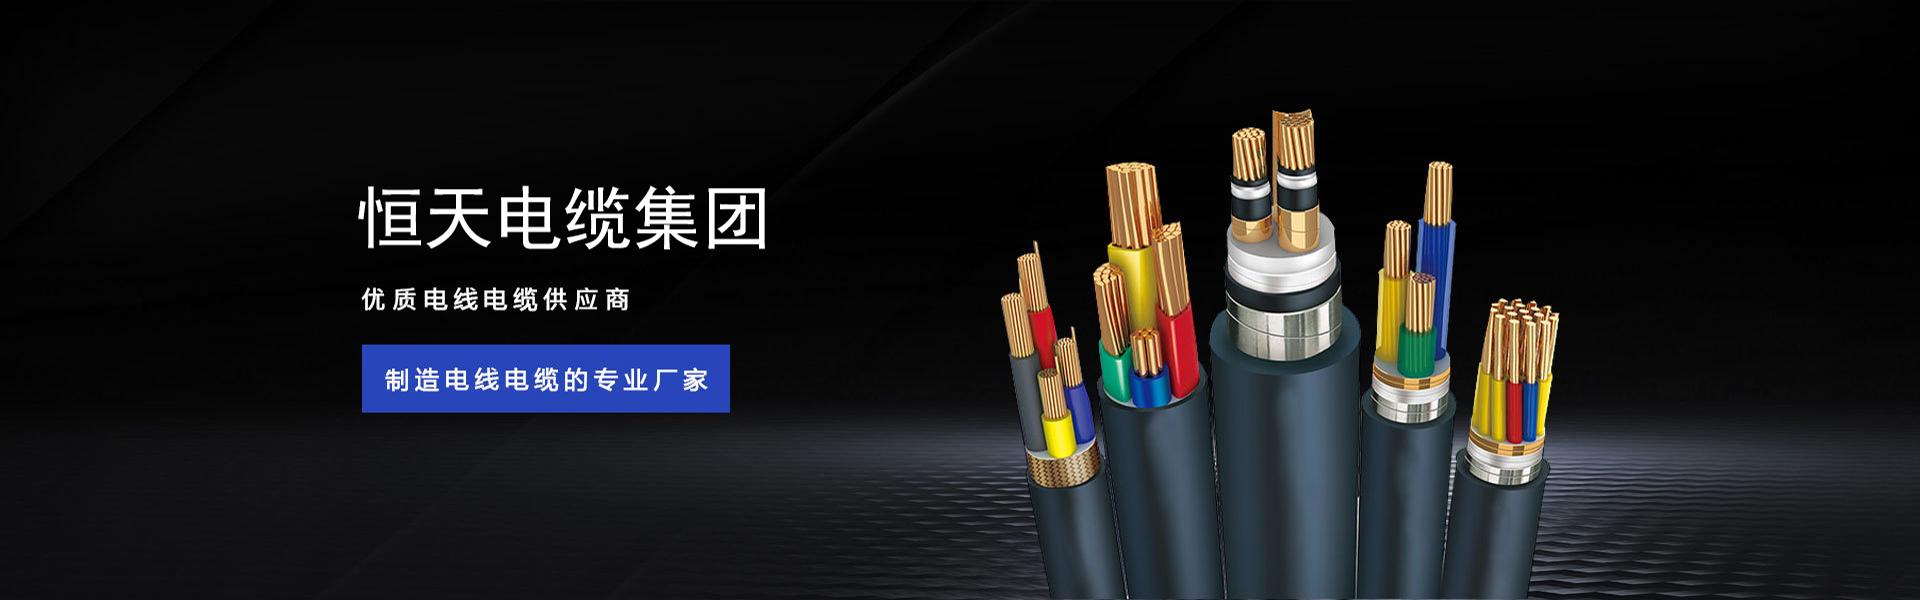 恒天电缆集团产品图